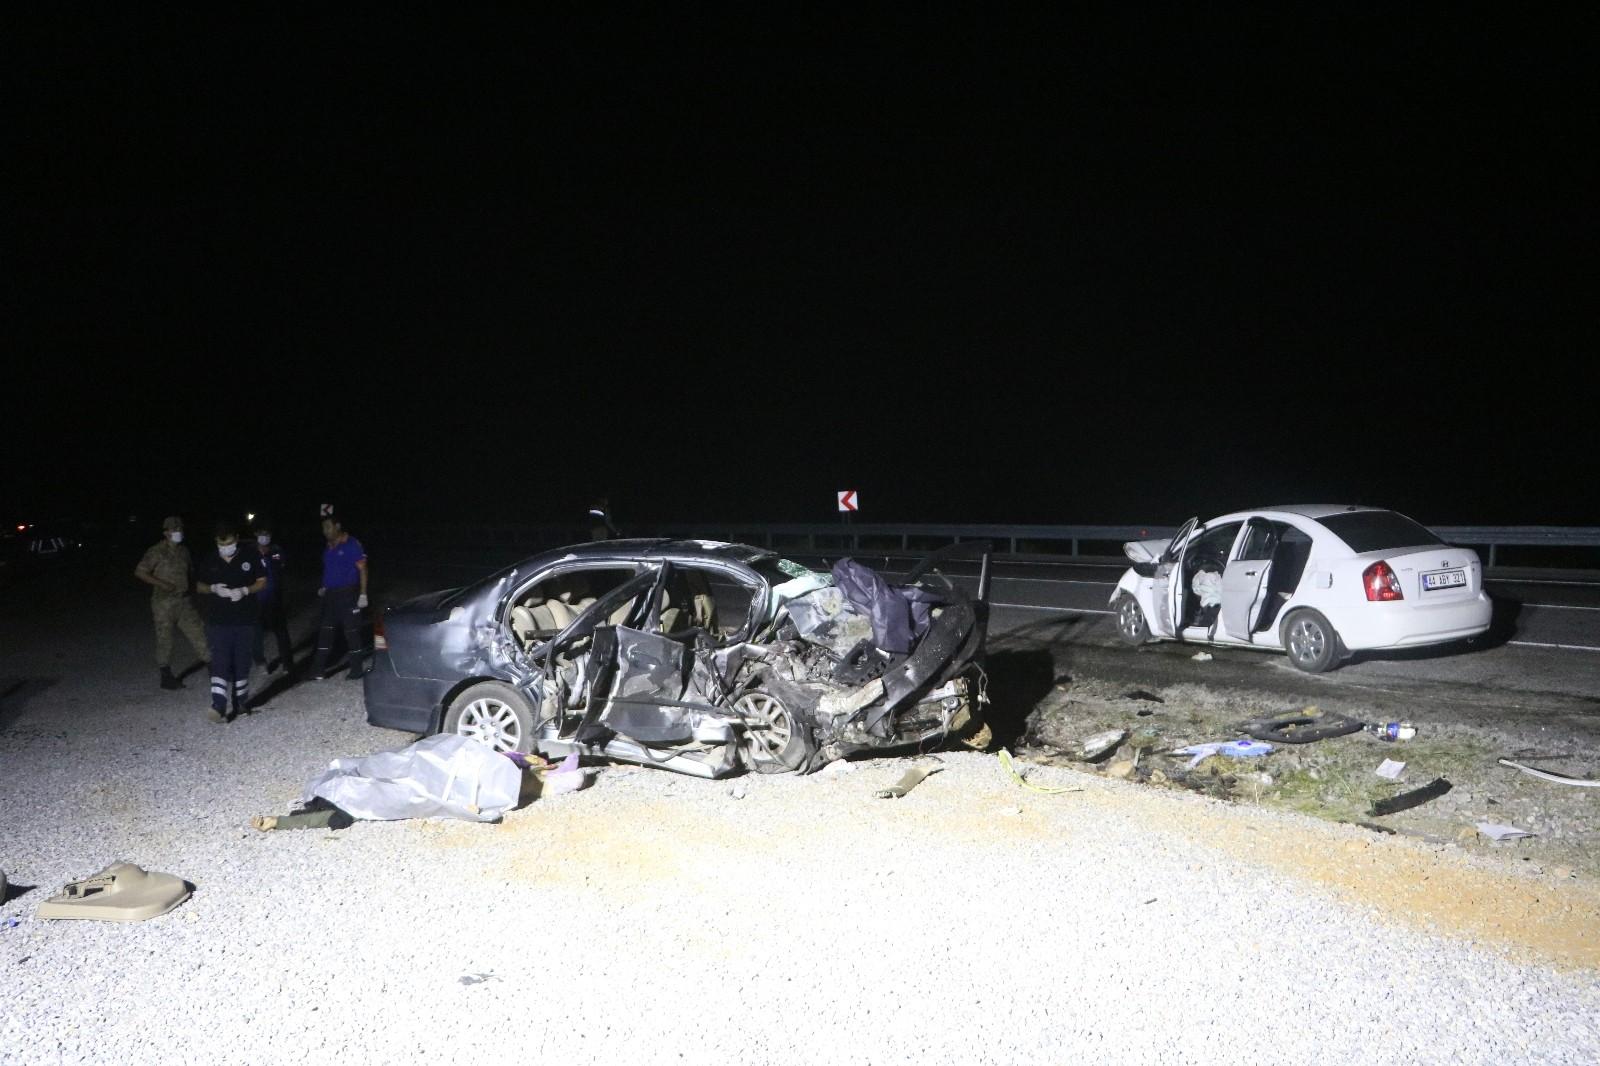 İki otomobil kafa kafaya çarpıştı: 3 ölü, 4 yaralı - Malatya Haberleri